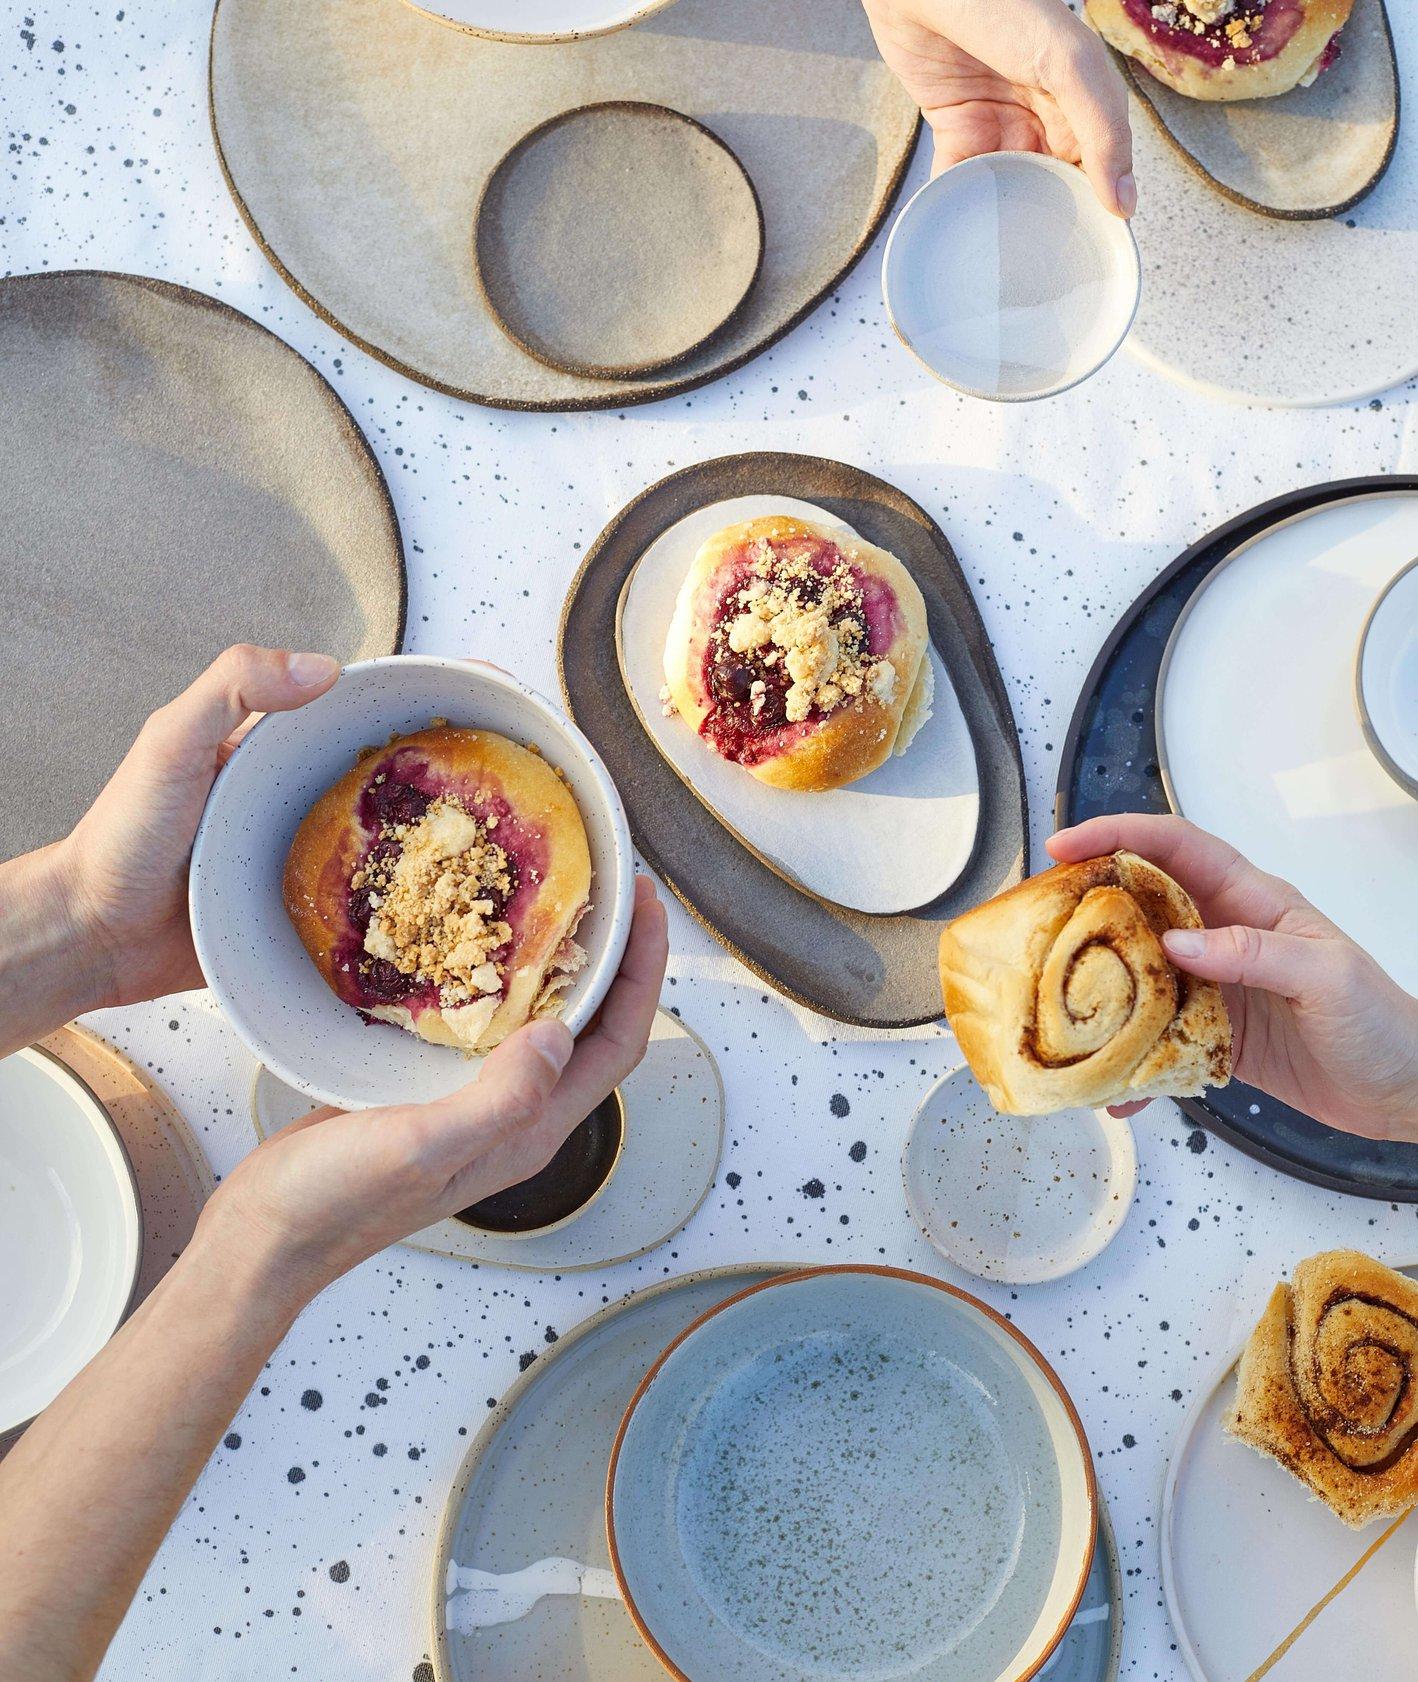 zestawy ceramicznych talerzy z pracowni: POPO ceramics, Spiek ceramicznu, Hadaki, Mleko living